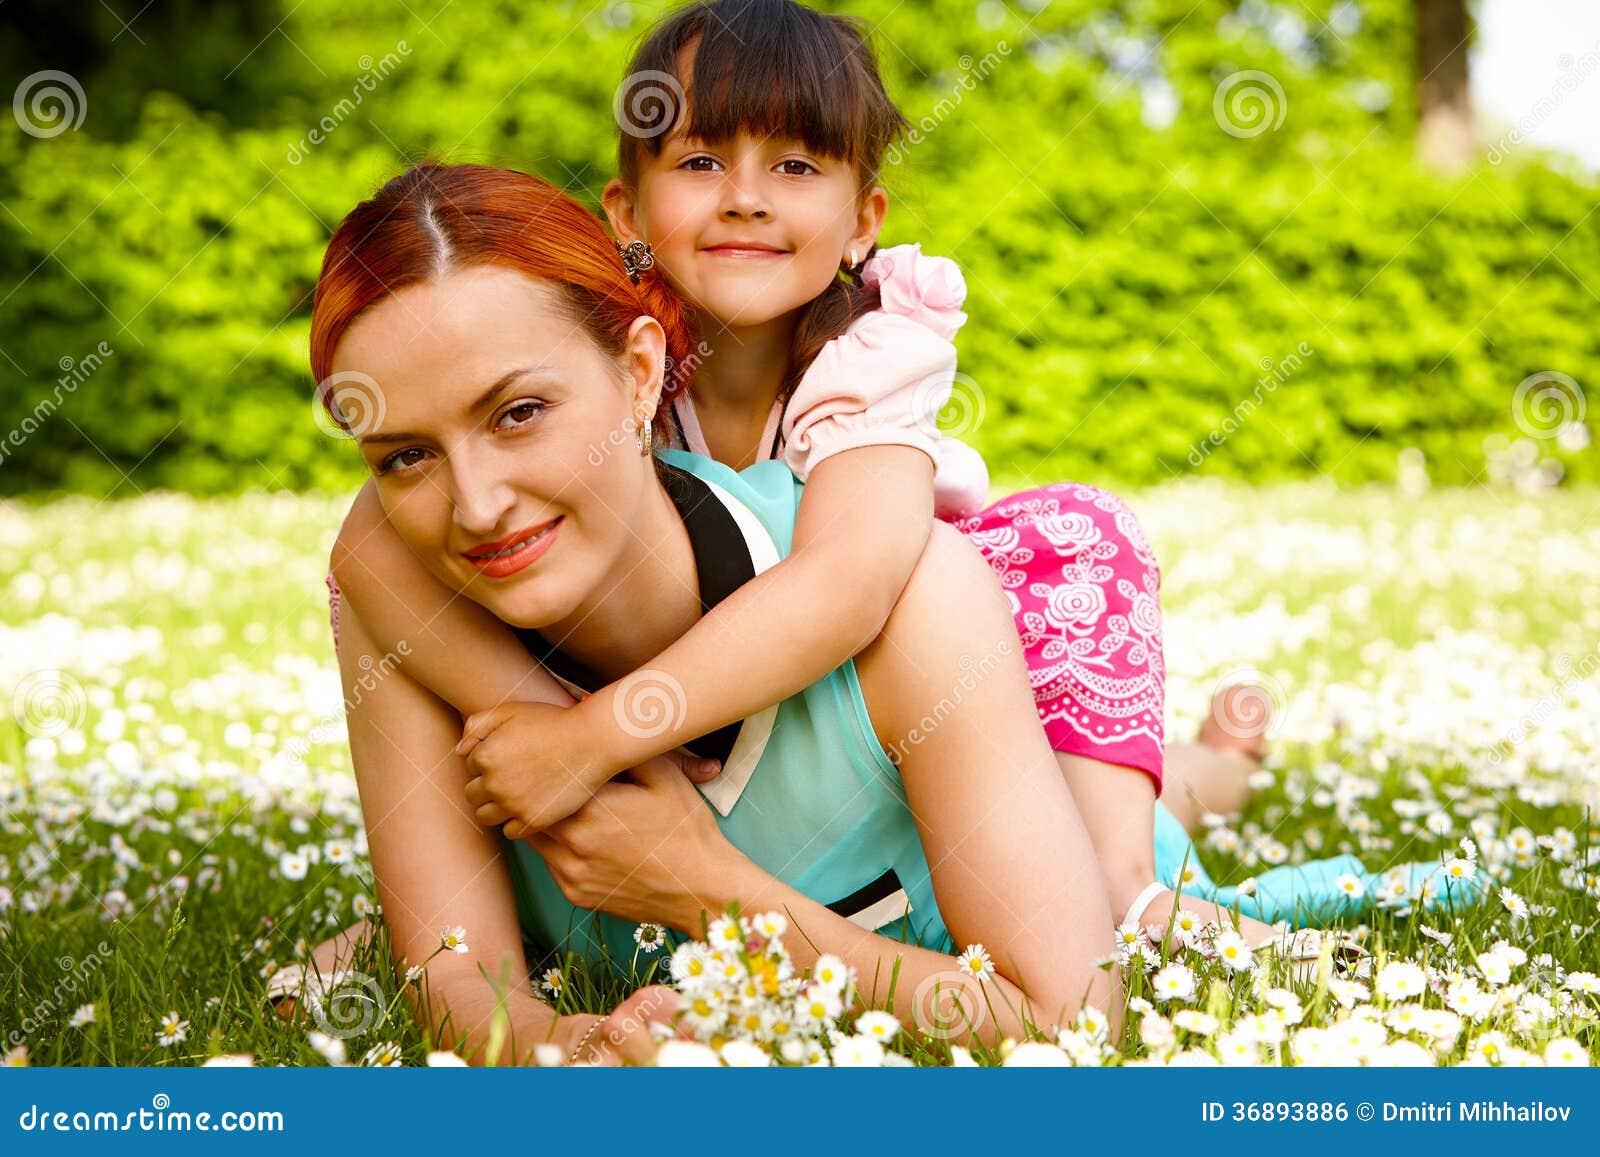 Download Unità fotografia stock. Immagine di amare, bambino, cheerful - 36893886